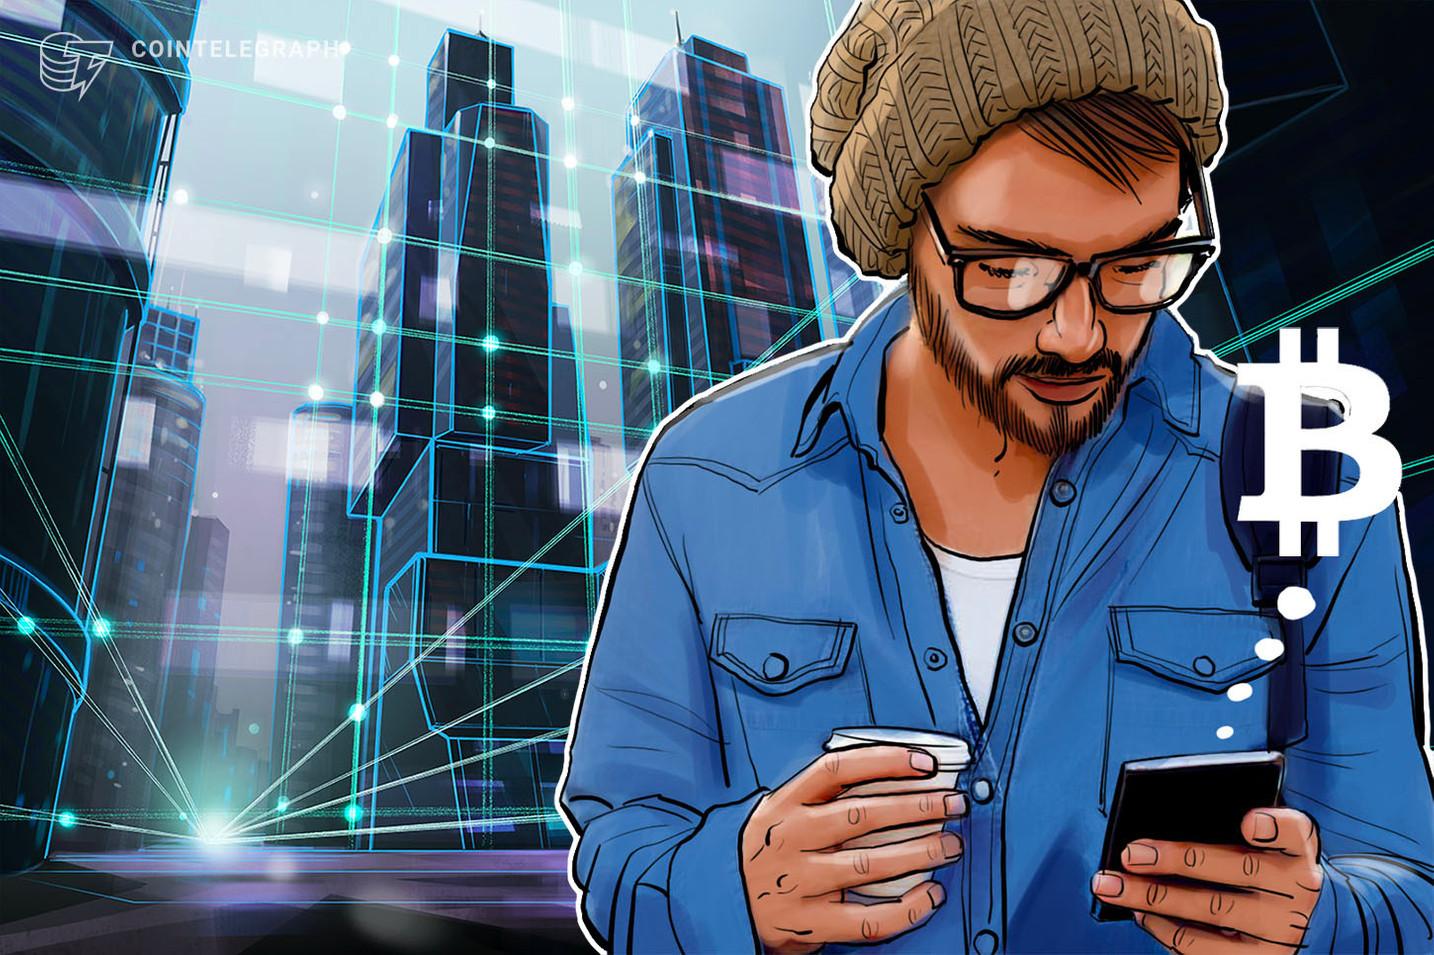 Assine o Youtube do Cointelegraph Brasil: entrevistas e análises sobre o mercado das criptomoedas